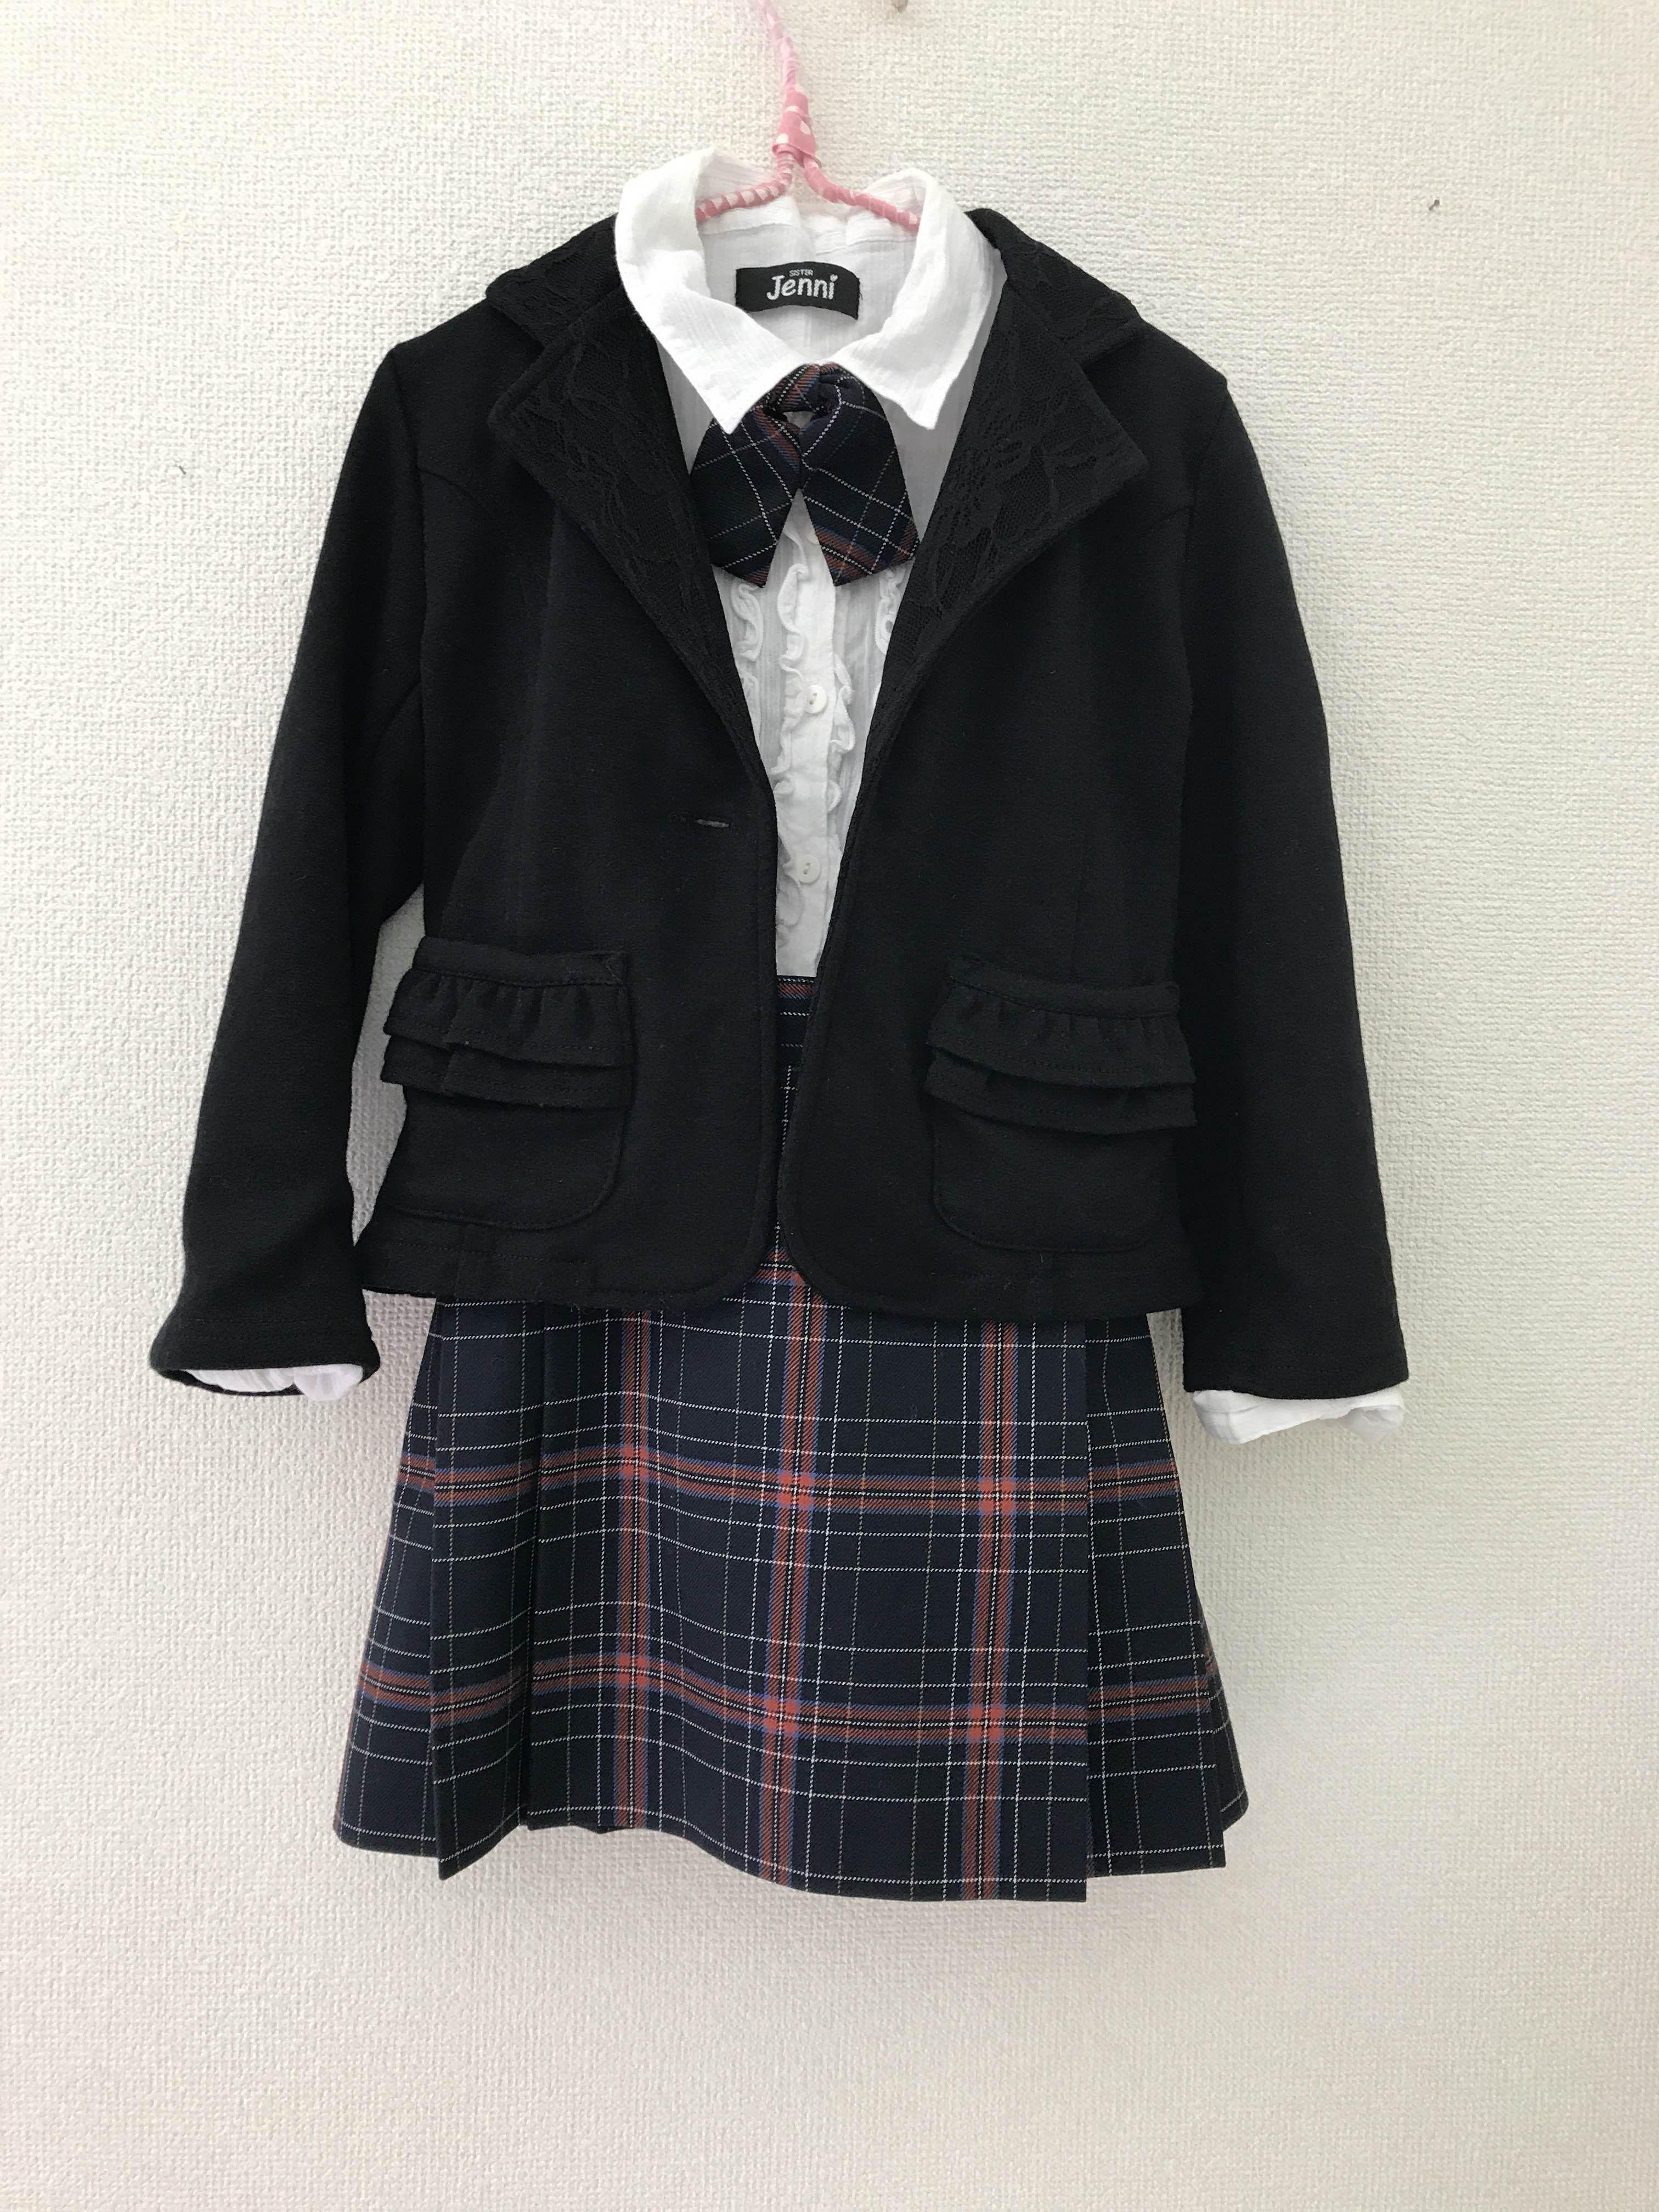 7f78c4363c338 size110㌢ セットアップ スカート リボン ジャケット (ブラウス) 制服メーカーで生地しっかりした素材